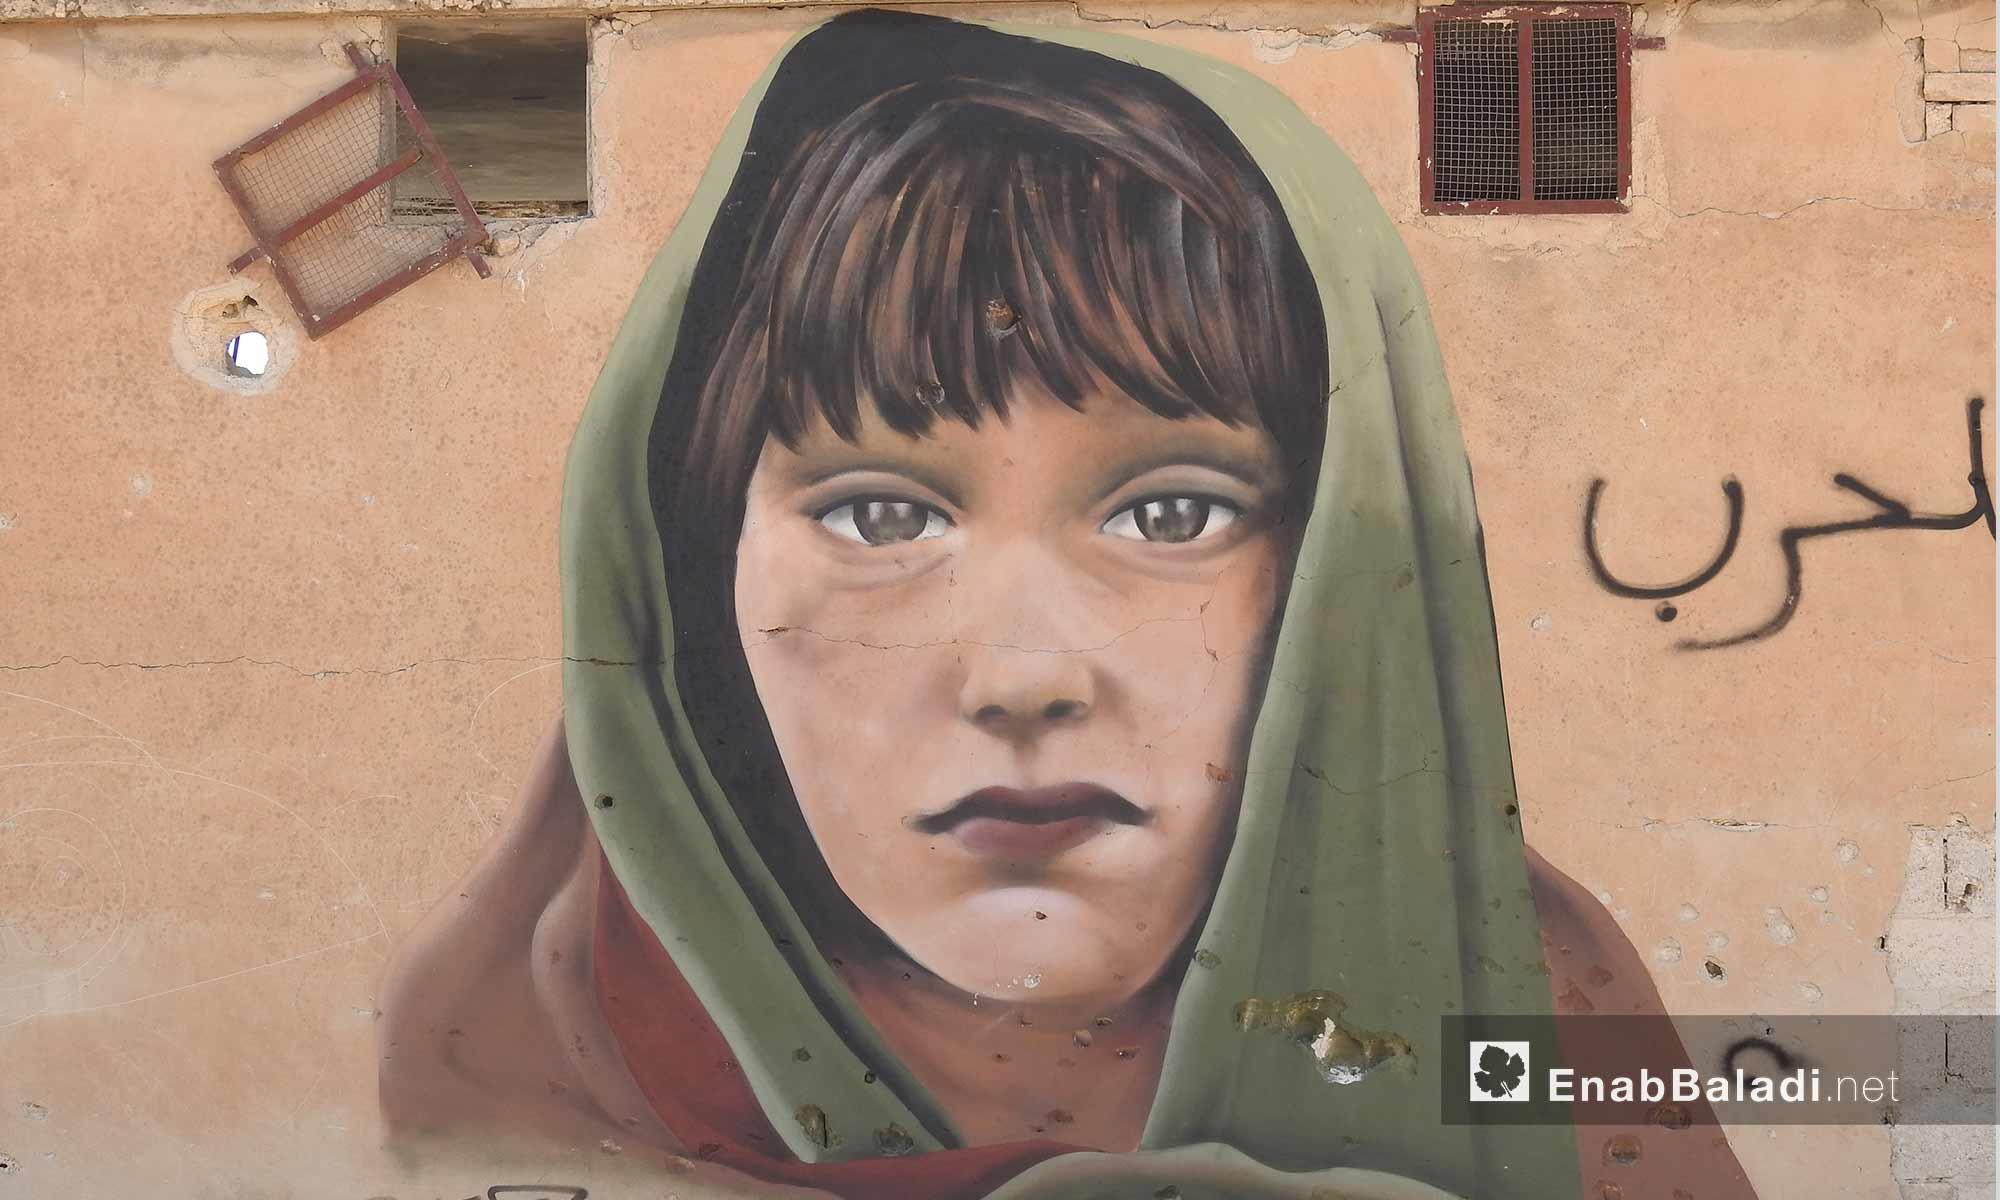 رسم غرافيتي لطفلة على جدران مهدمة في قرية براغيدة بريف حلب الشمالي - 2 تشرين الأول 2017 (عنب بلدي)